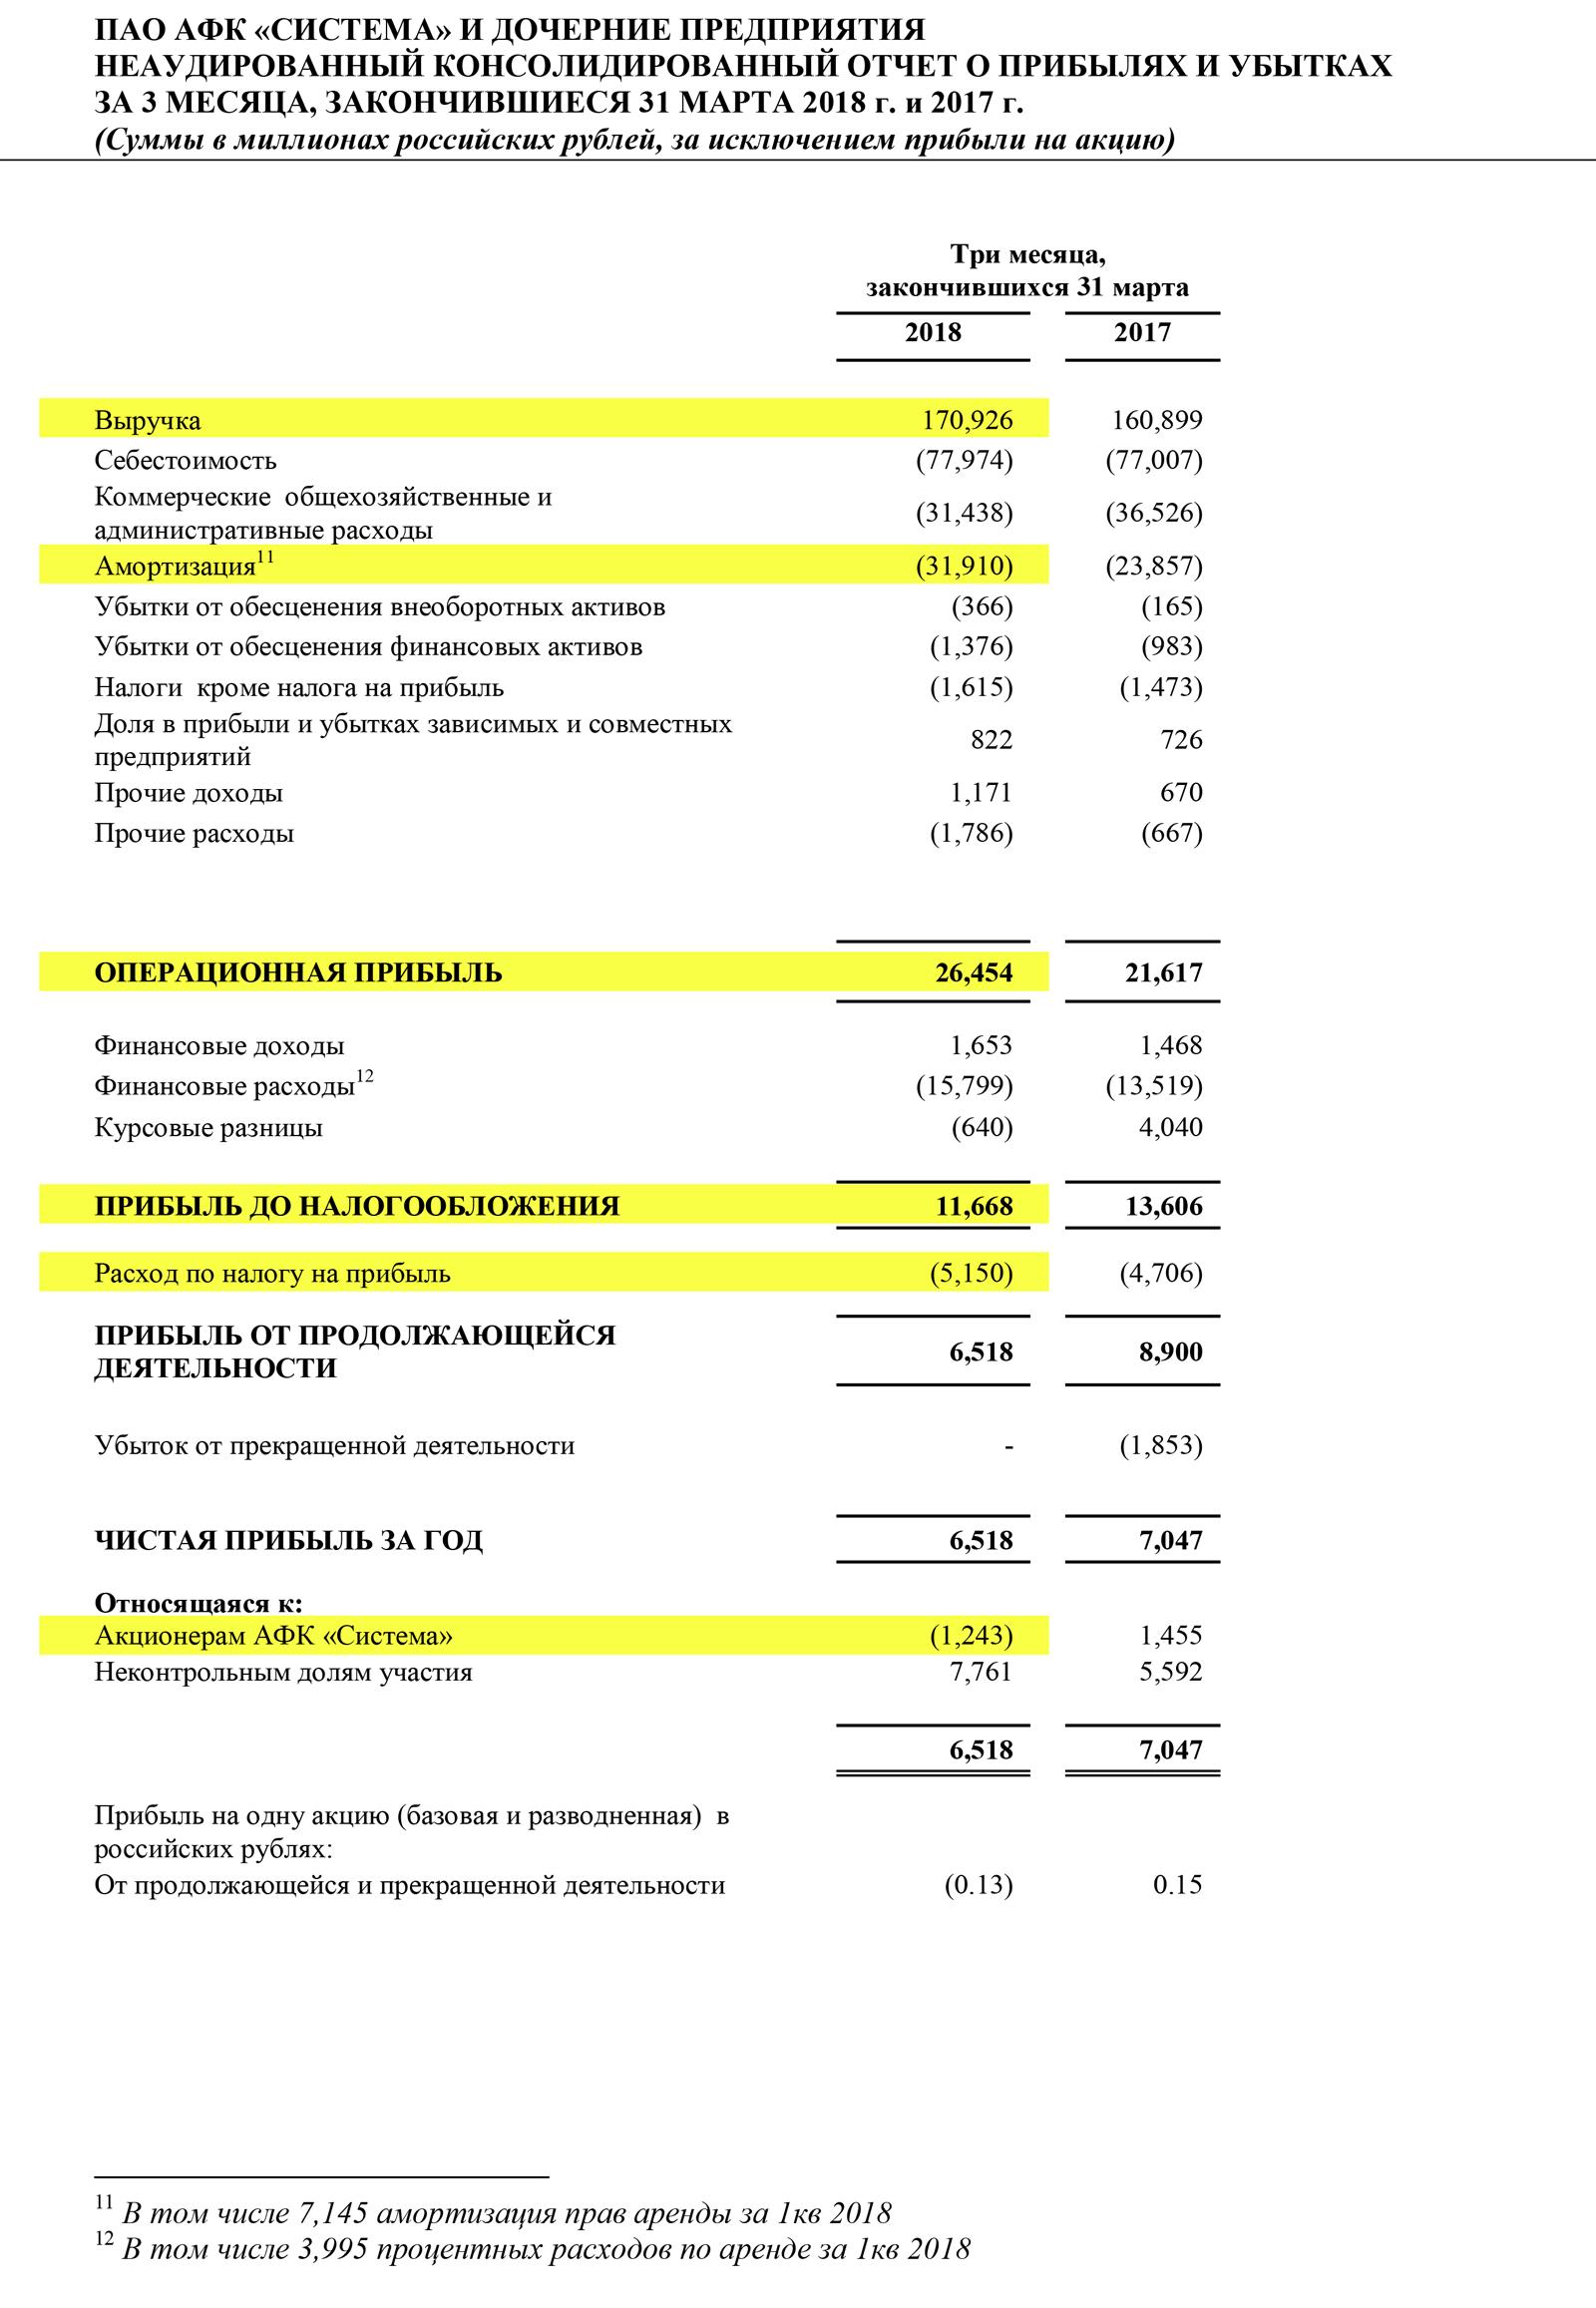 Страница 15 отчета АФК «Система» за 1 квартал 2018 года